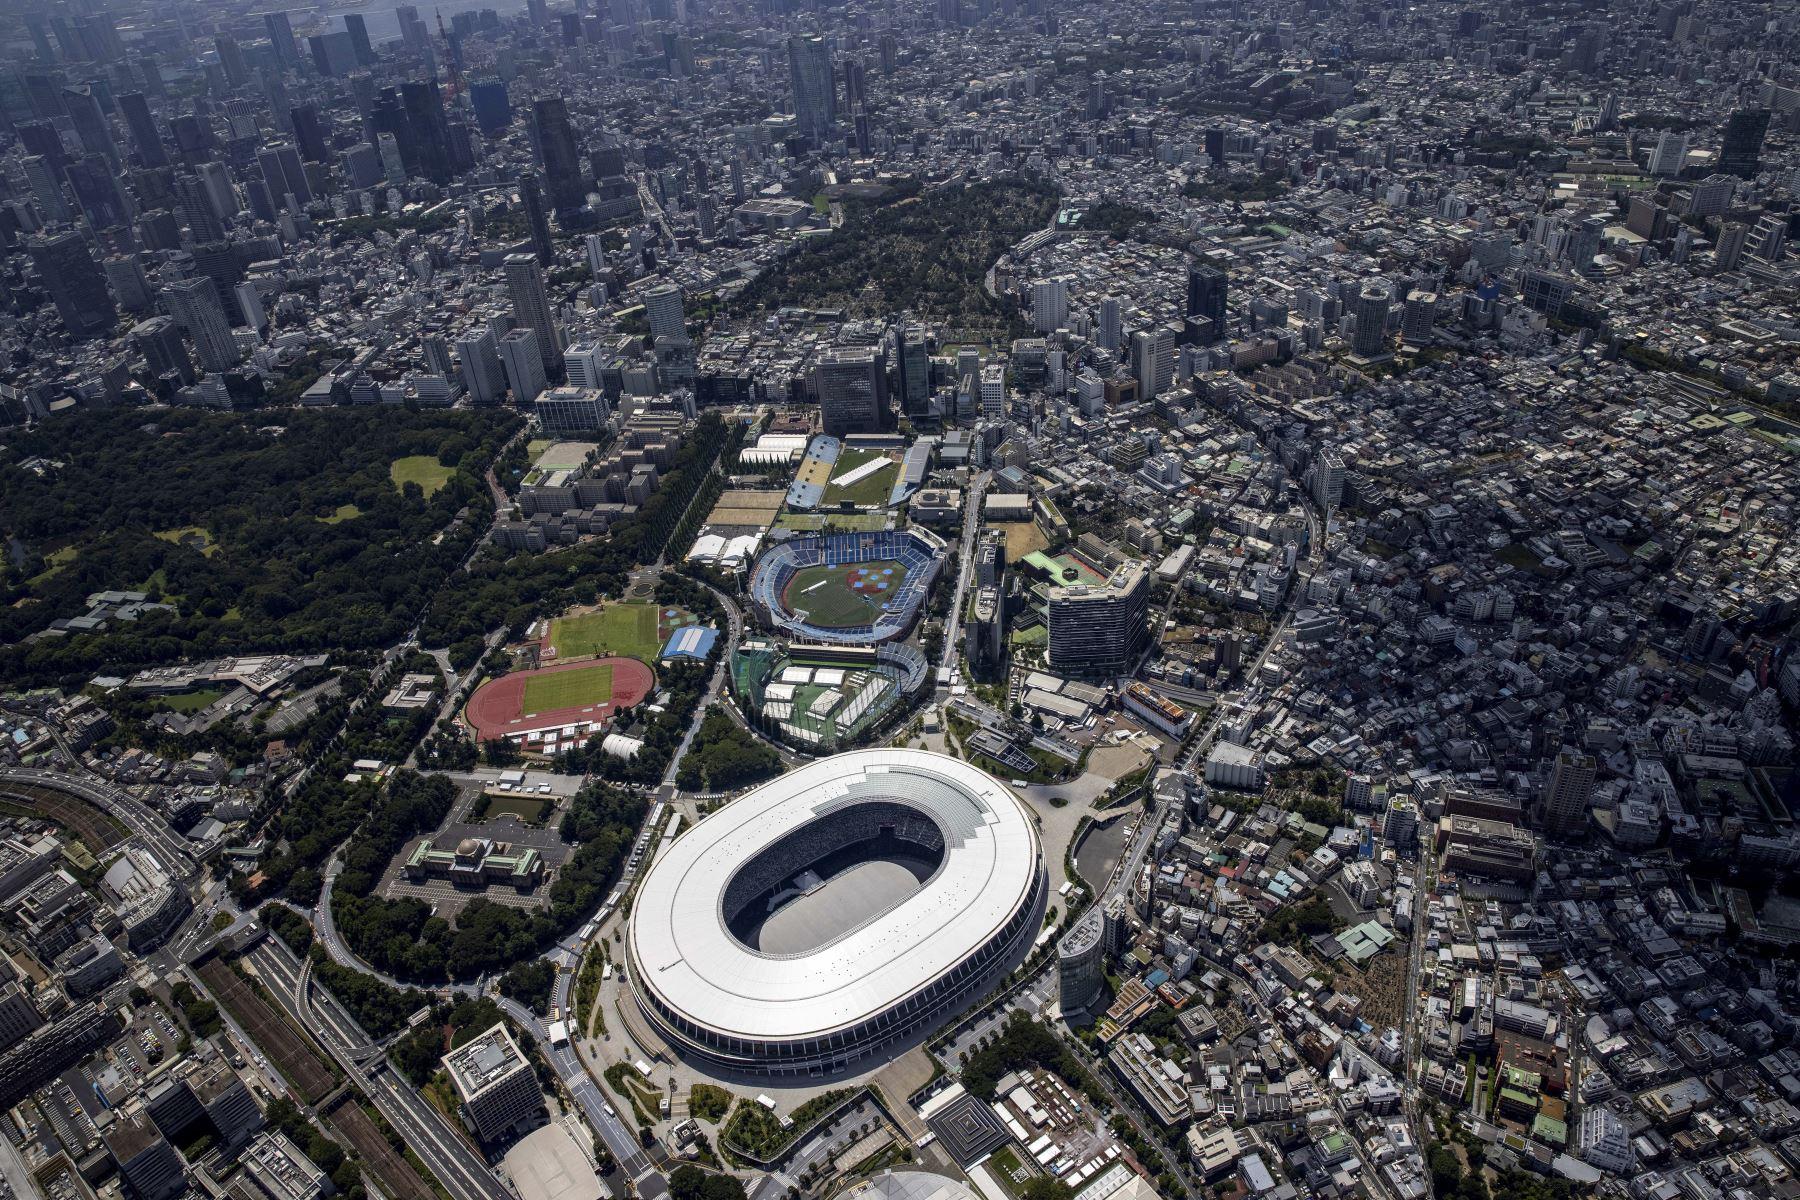 Esta foto aérea muestra el horizonte de Tokio y el Estadio Olímpico, la sede principal de los Juegos Olímpicos de Tokio 2020. Foto: AFP